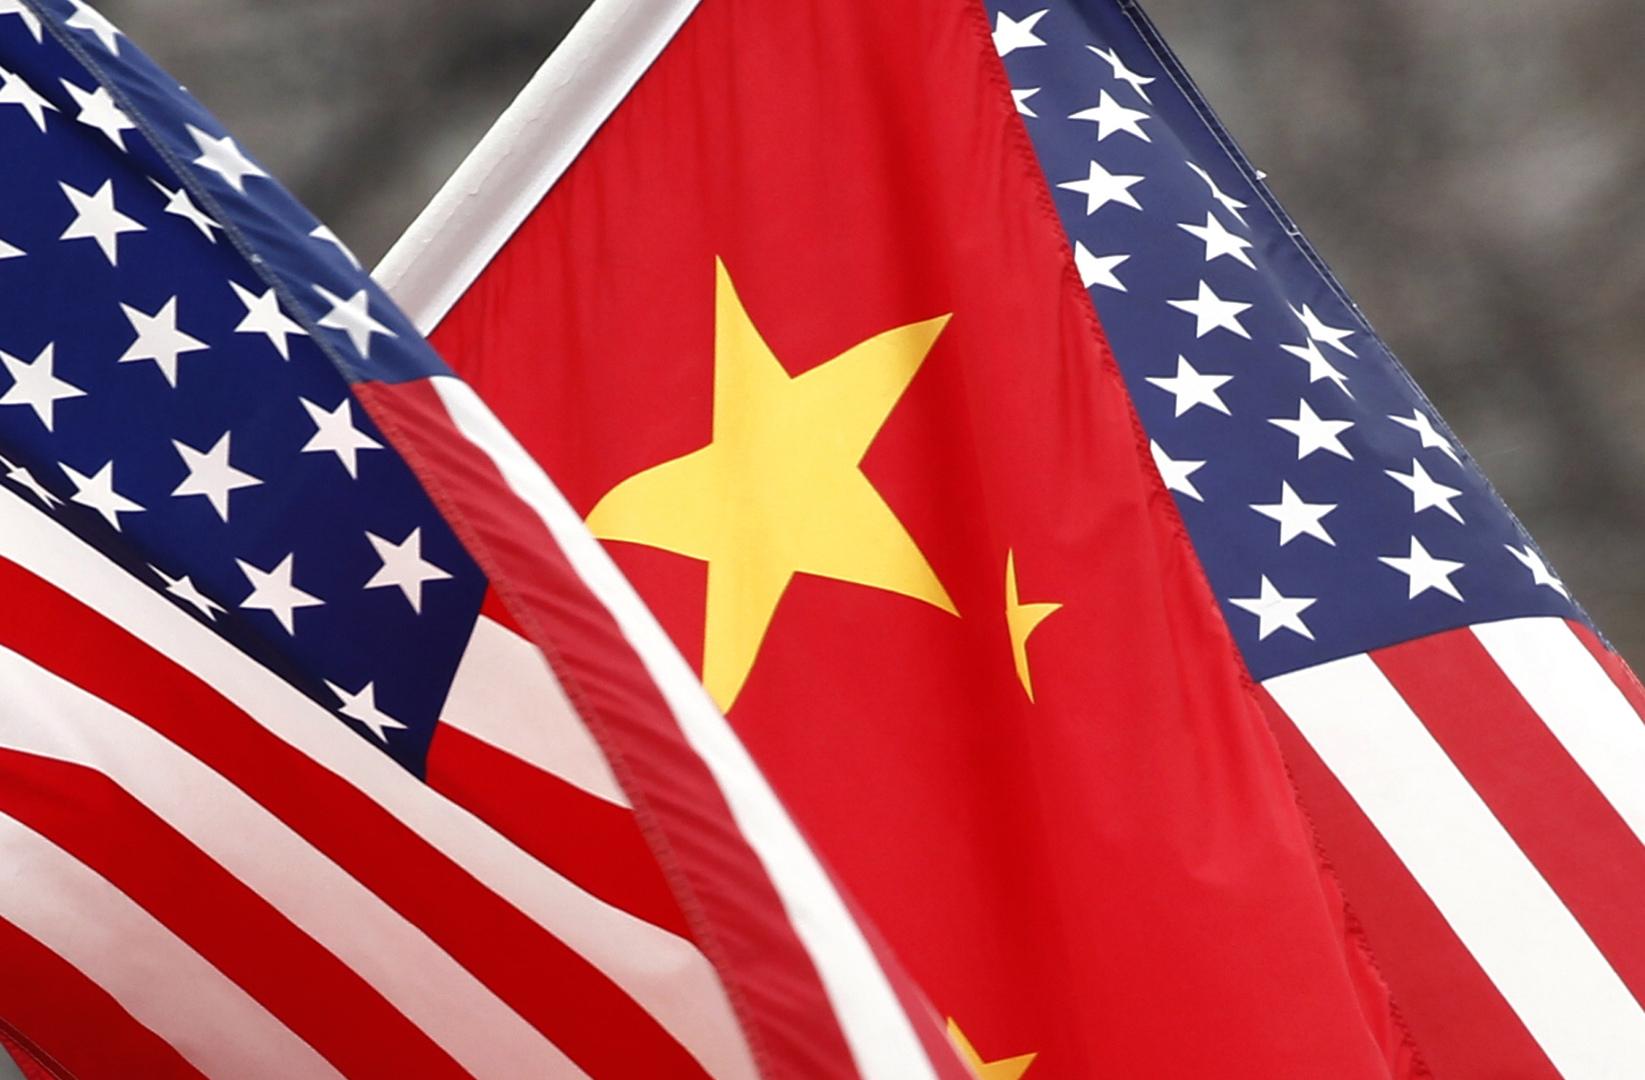 أعلام الولايات المتحدة والصين.